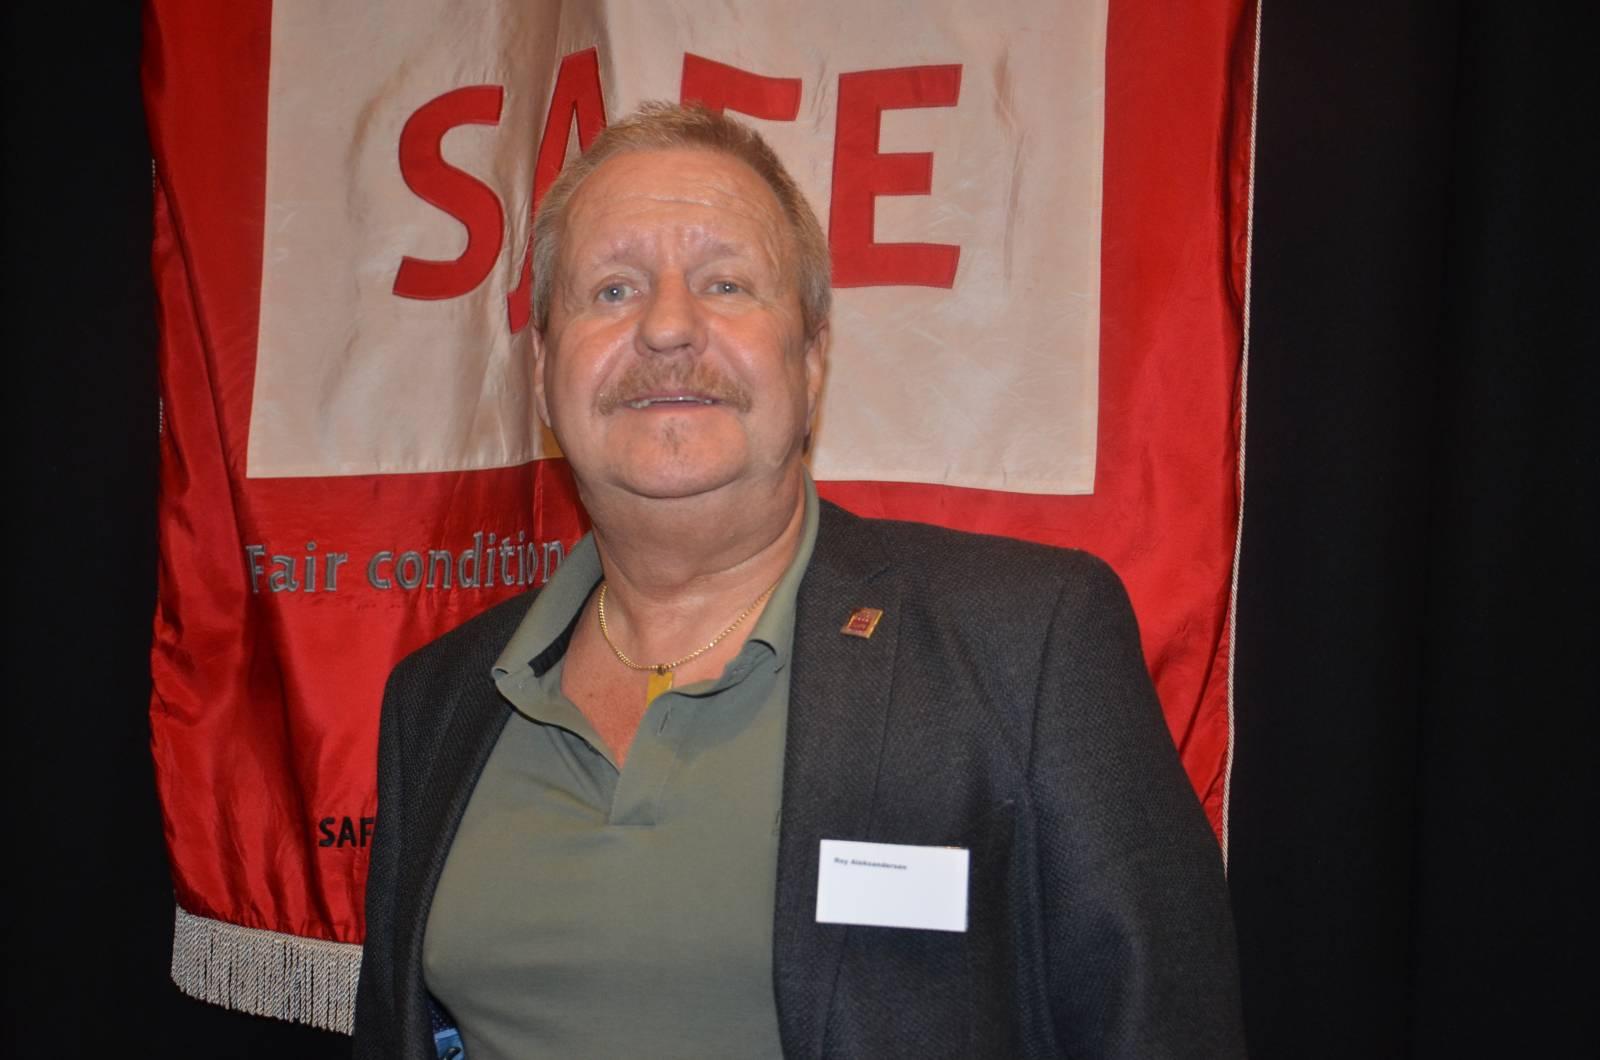 Stolt SAFER. Foto: Mette Møllerop